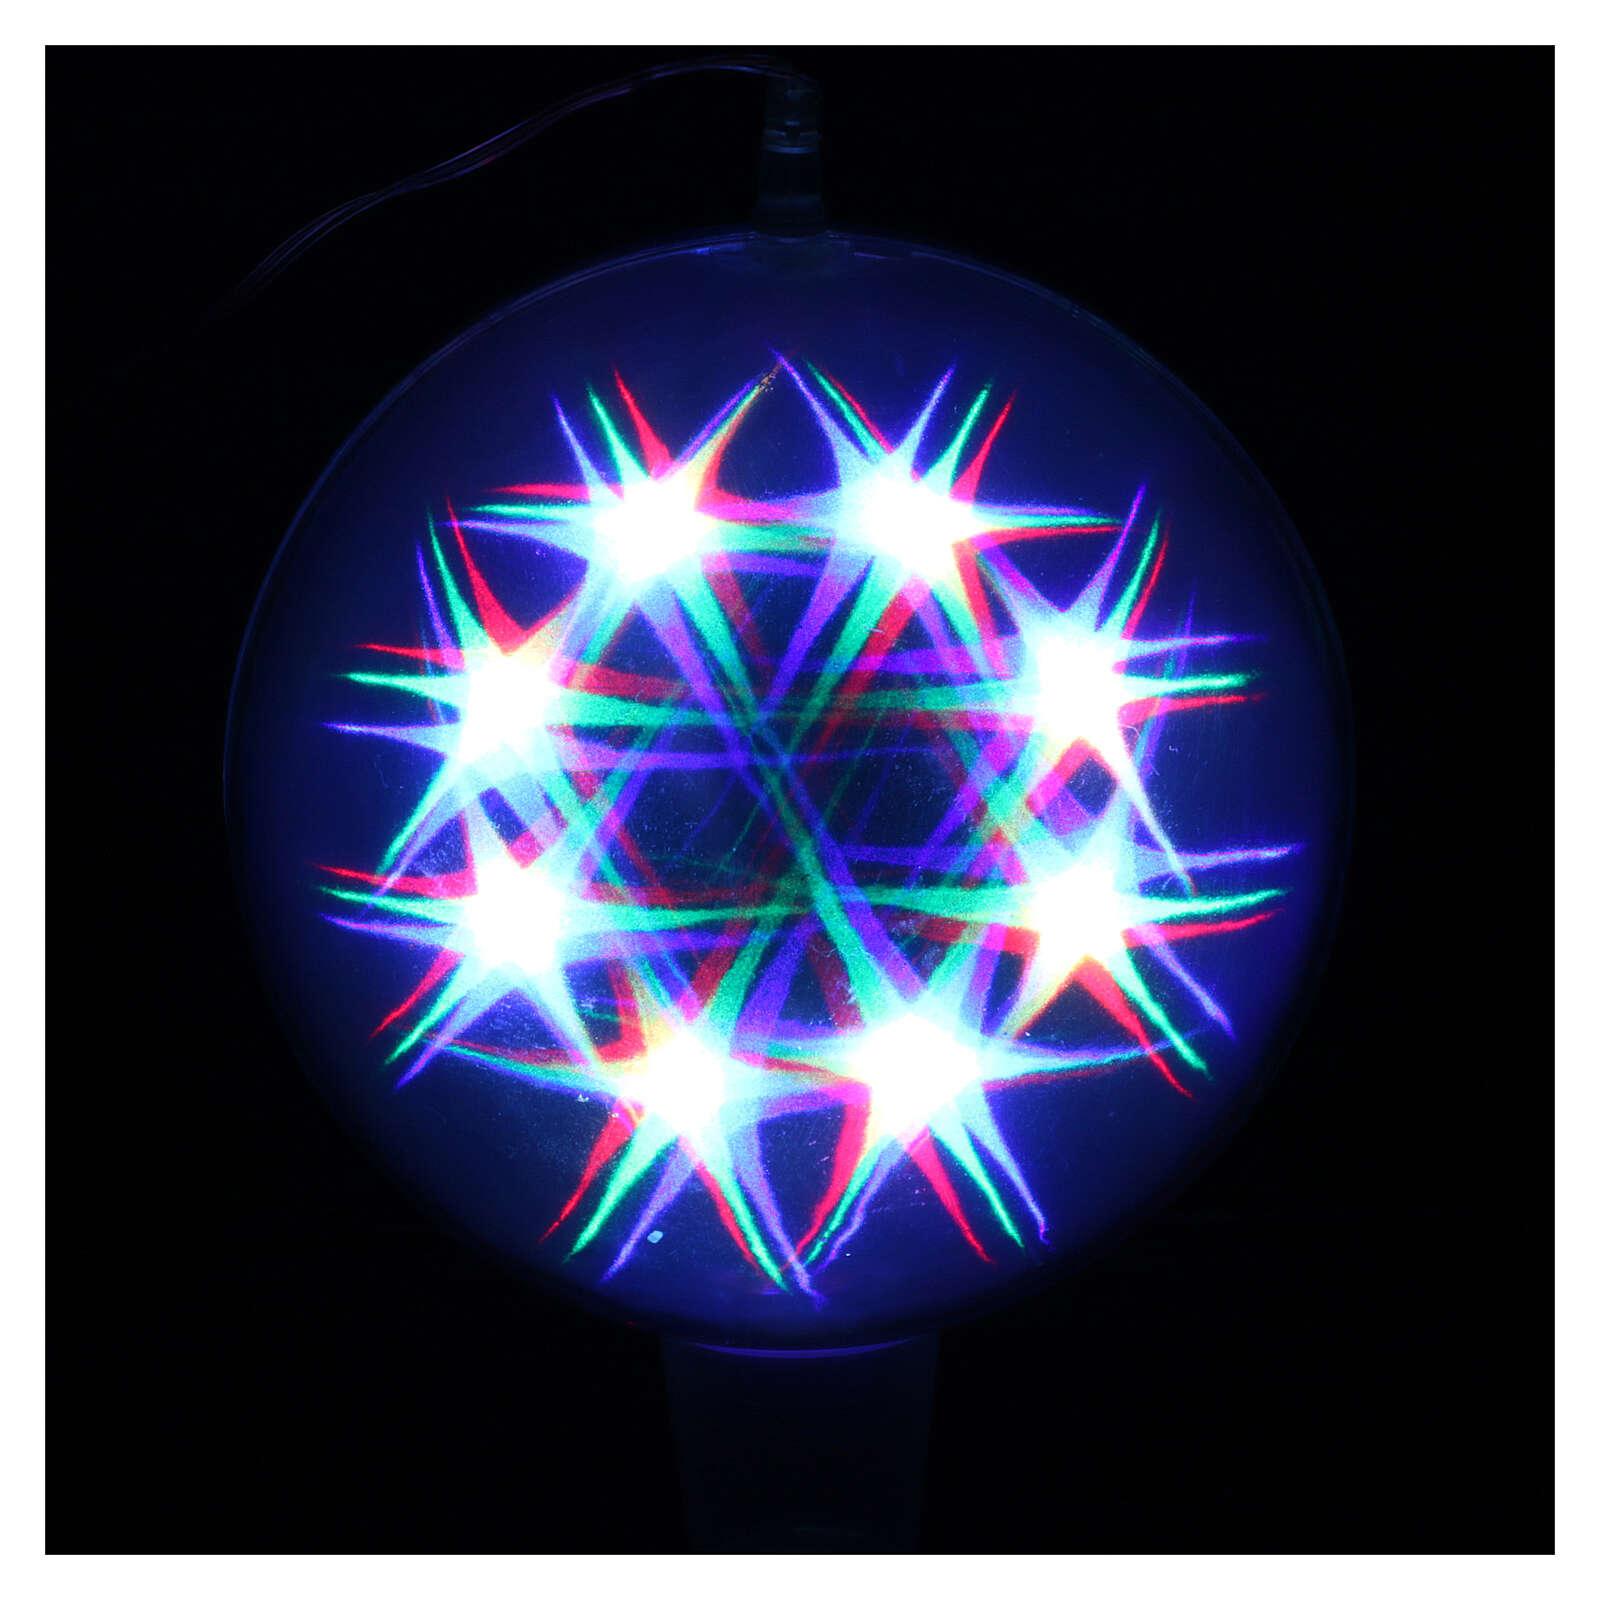 Luz navideña esfera 48 led coloreados diam. 20 cm uso interno 3